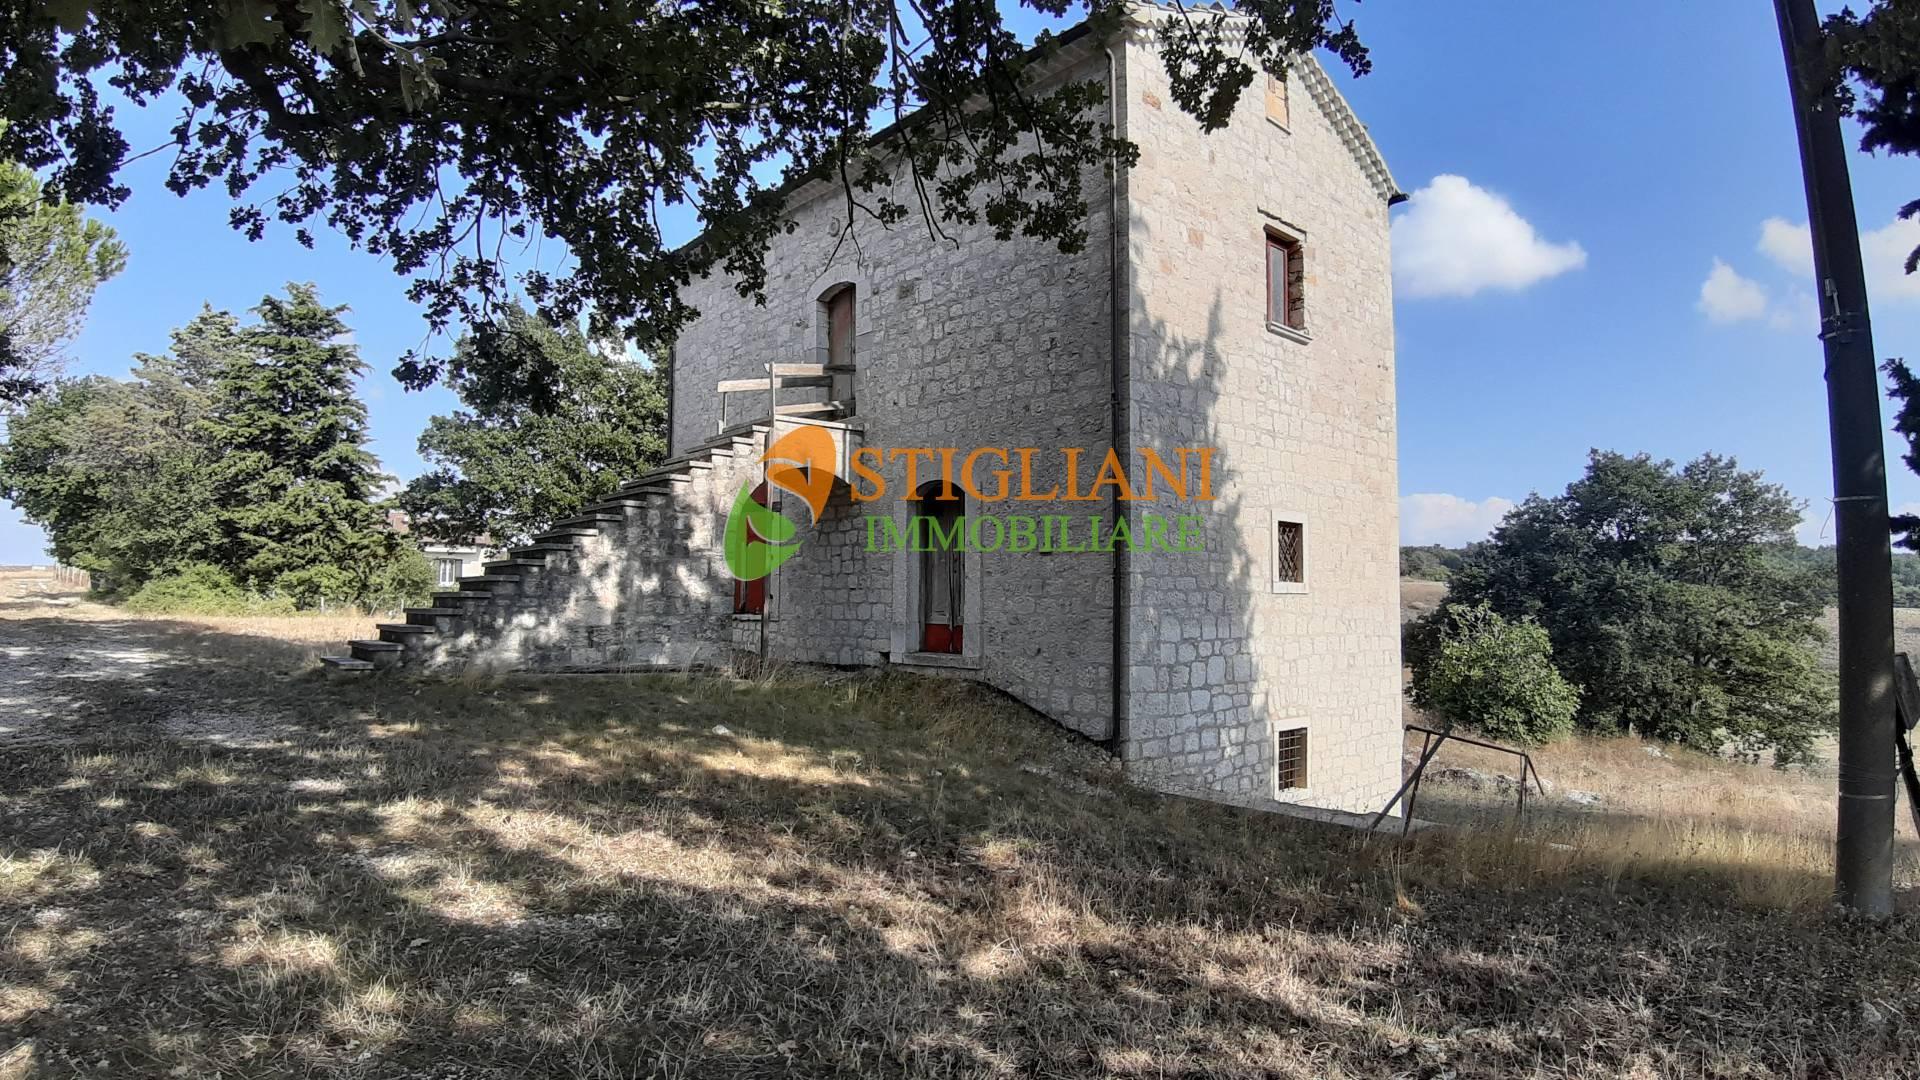 Rustico / Casale in vendita a Ripalimosani, 8 locali, zona Località: ContradaColleMatteo, prezzo € 80.000 | CambioCasa.it